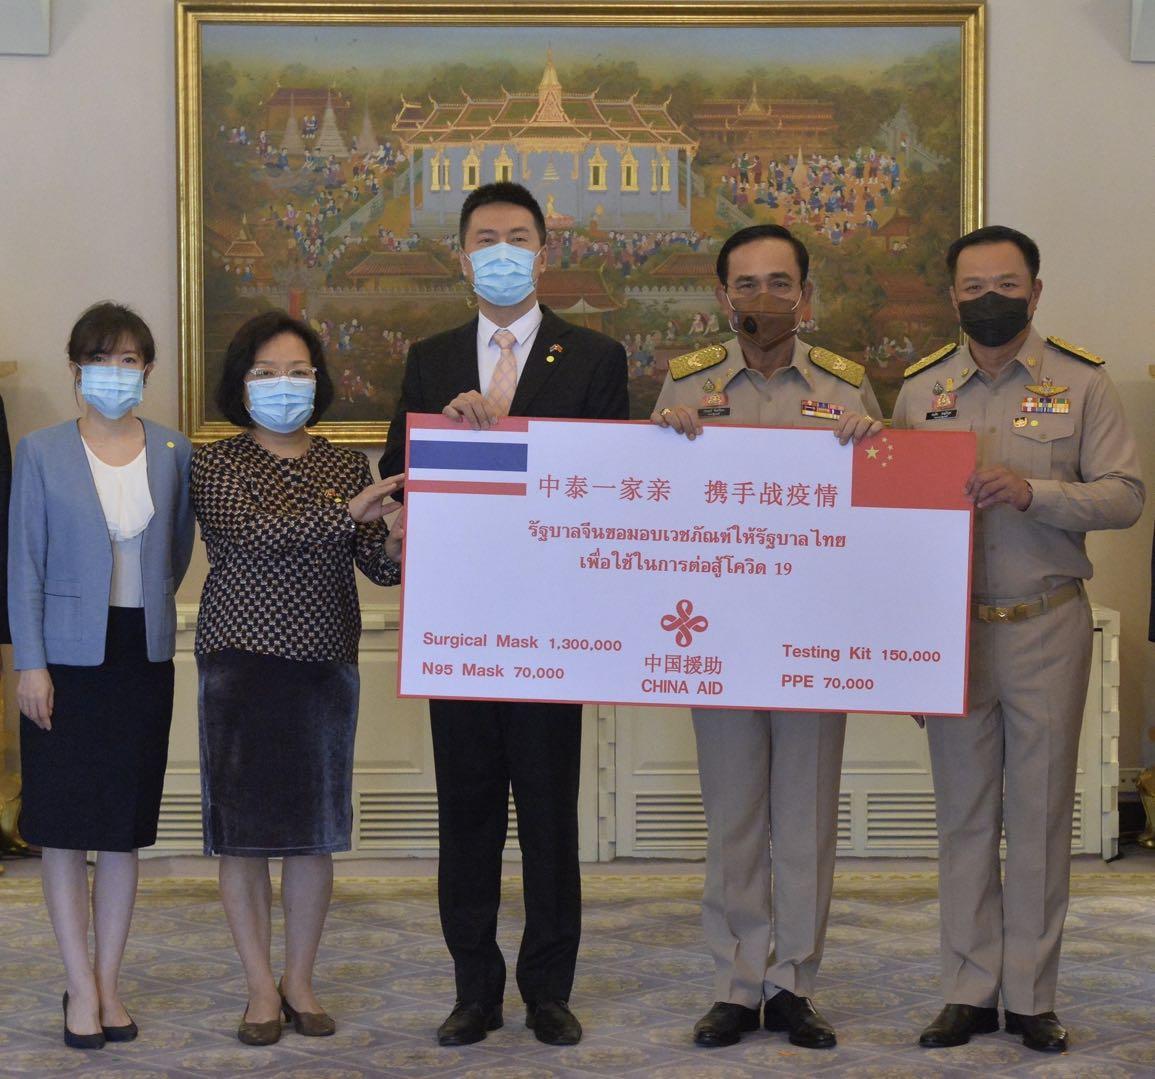 中国当局第二批援泰抗疫物资交代典礼在泰进行